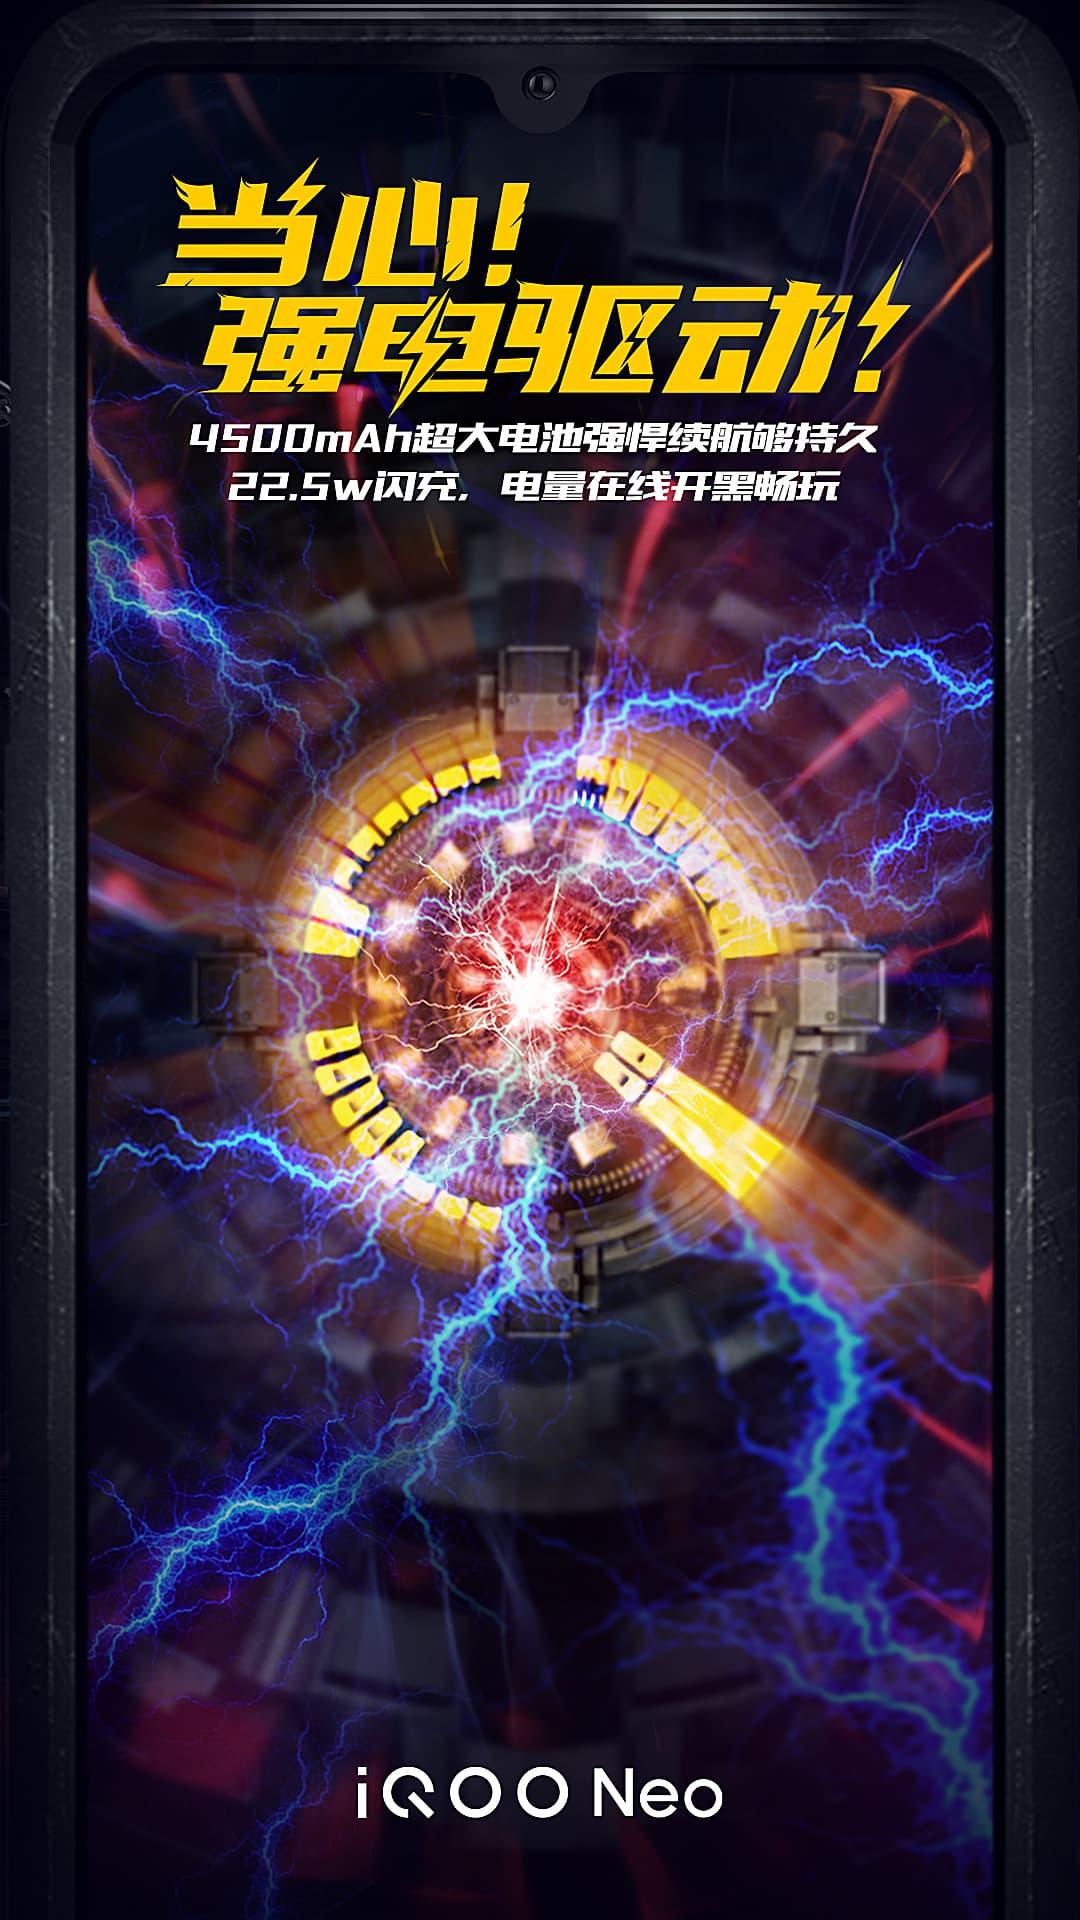 Vivo iQOO Neo 4500mAh Battery 22.5W Flash Charge